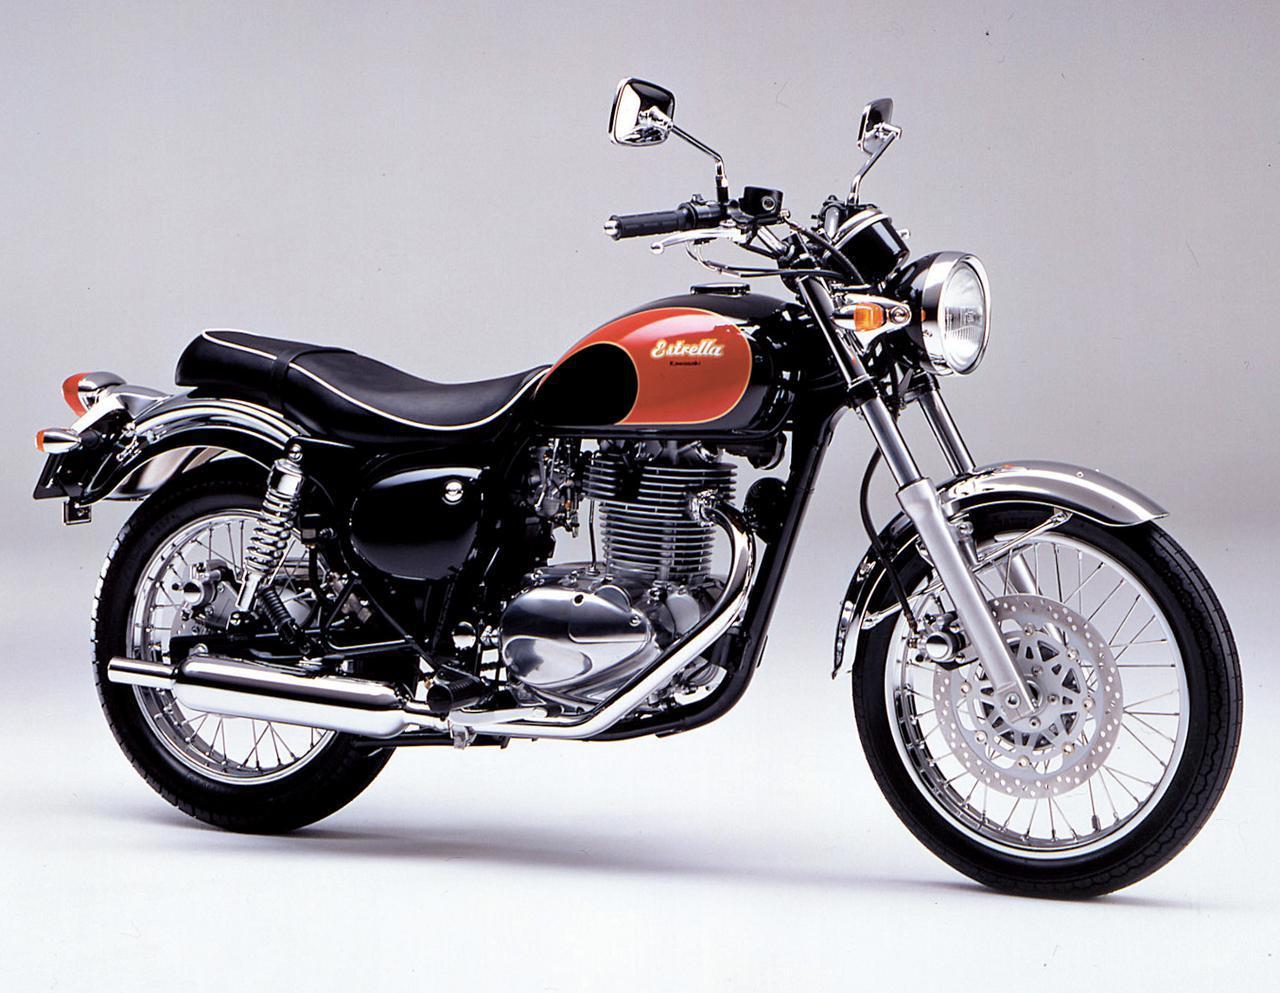 画像: Kawasaki ESTRELLA-RS 1995 発売当時価格:45万円 カラー:エボニー×ファイアクラッカーレッド